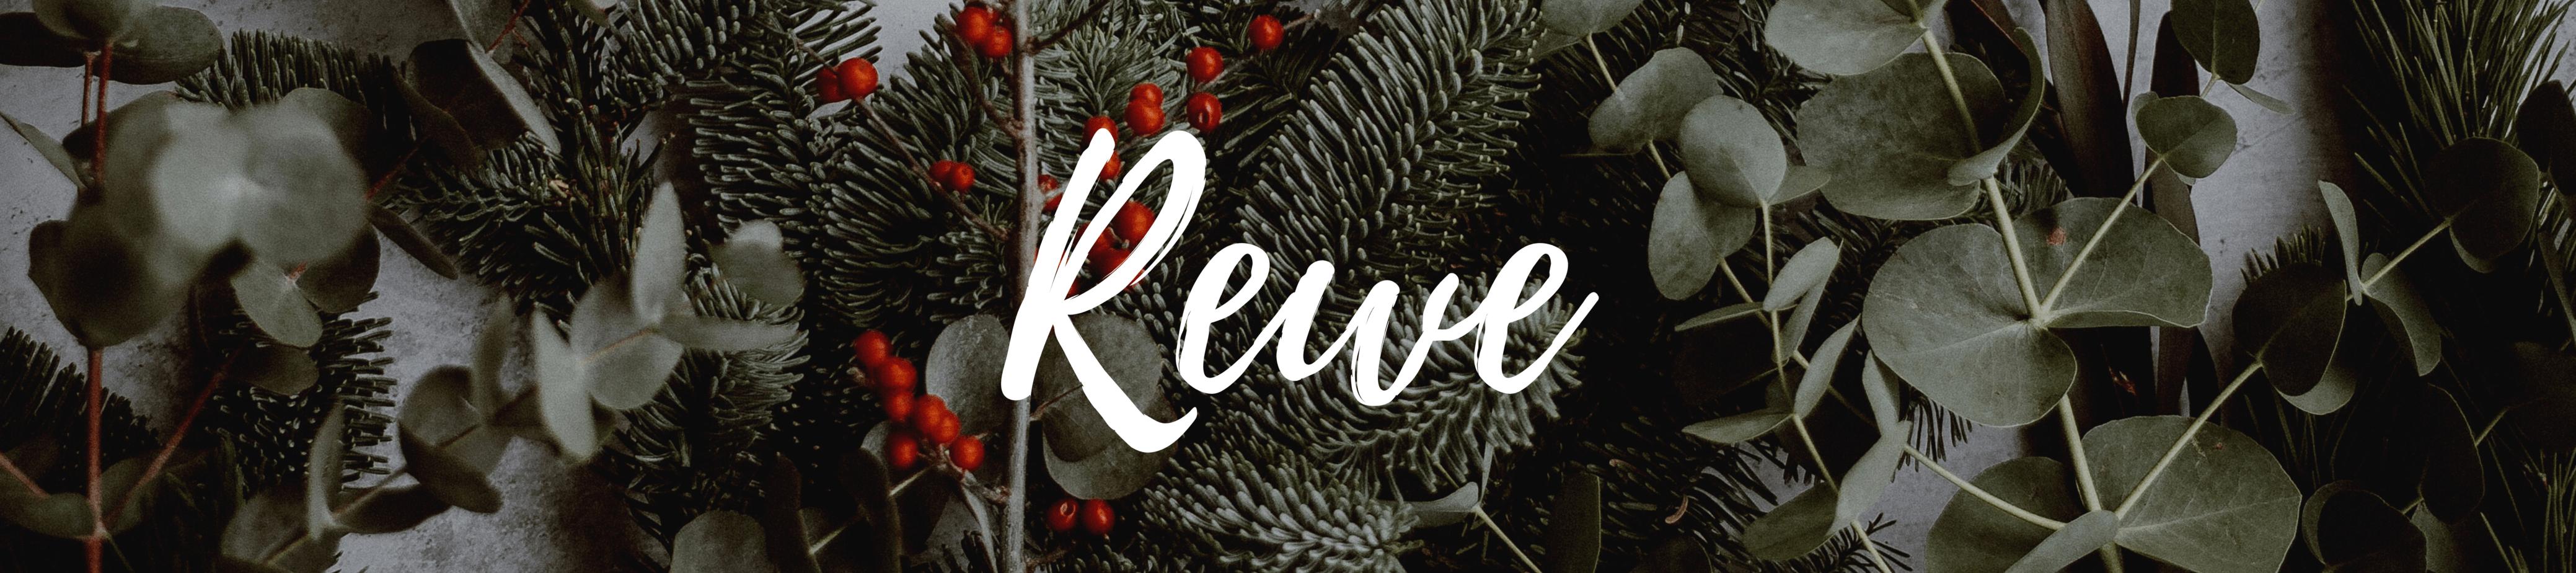 Vegane Weihnachtssüßigkeiten Rewe